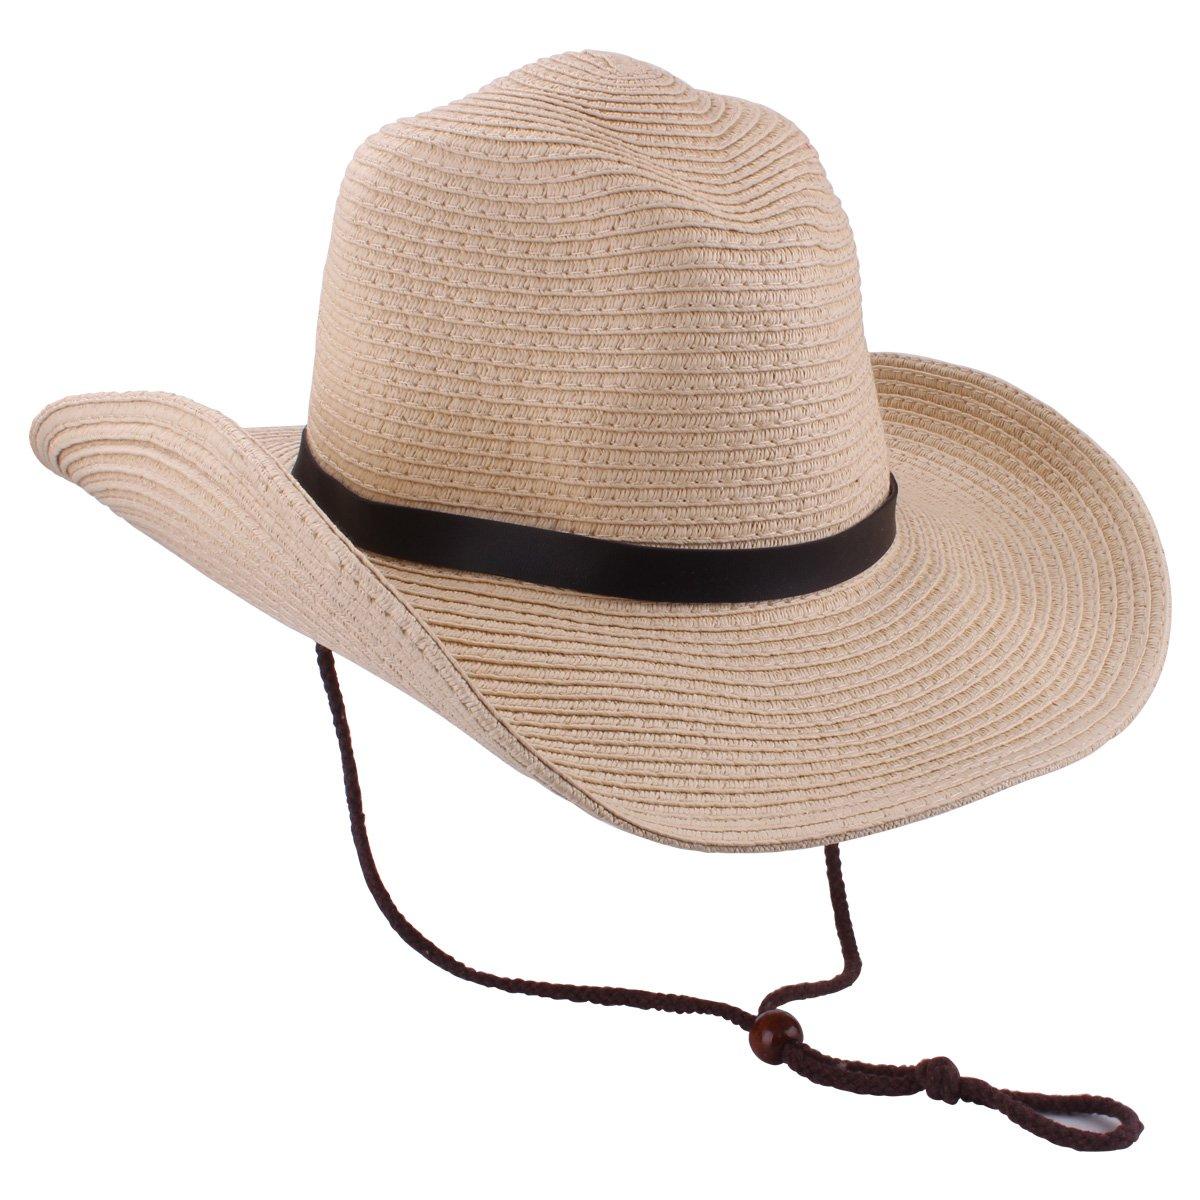 YOPINDO Herren Cowboy Hut Stroh Sunhat breiten Krempe westlichen Cowgirl Beach Sun Caps